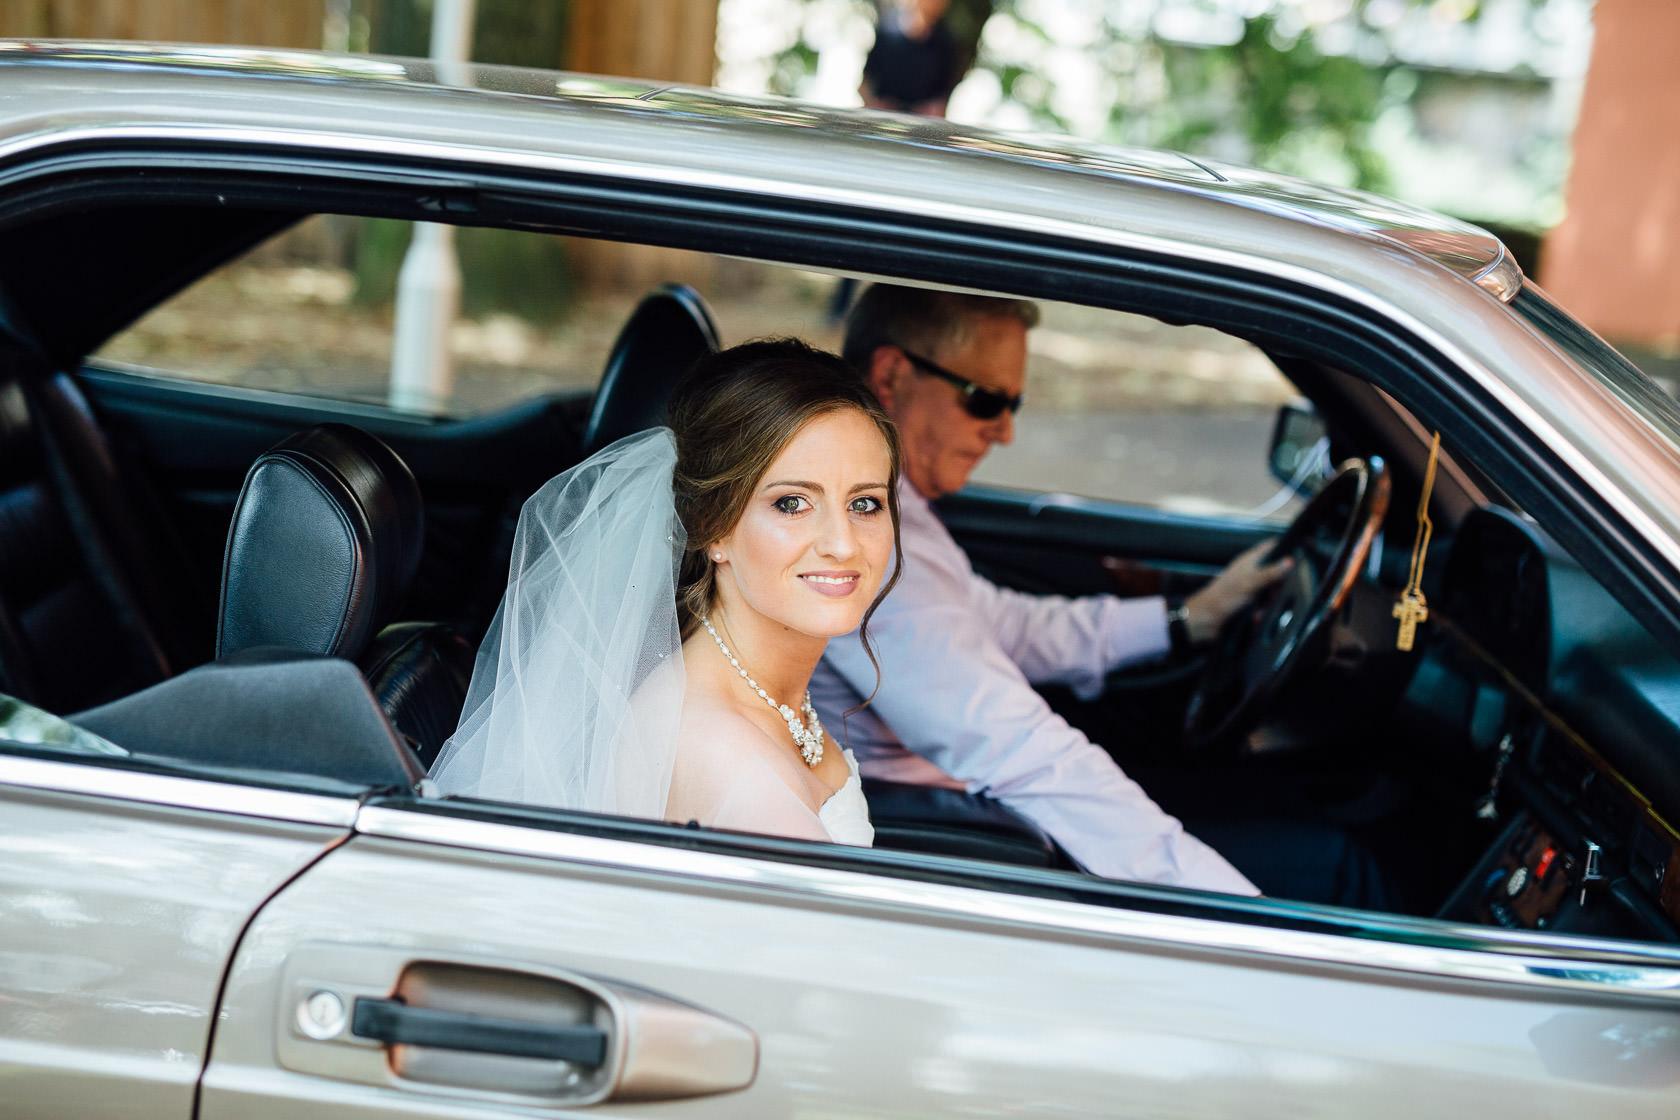 Hochzeit von Carmen und Dirk in Bad Kreuznach Trauung in der Pauluskirche Ankunft der Braut